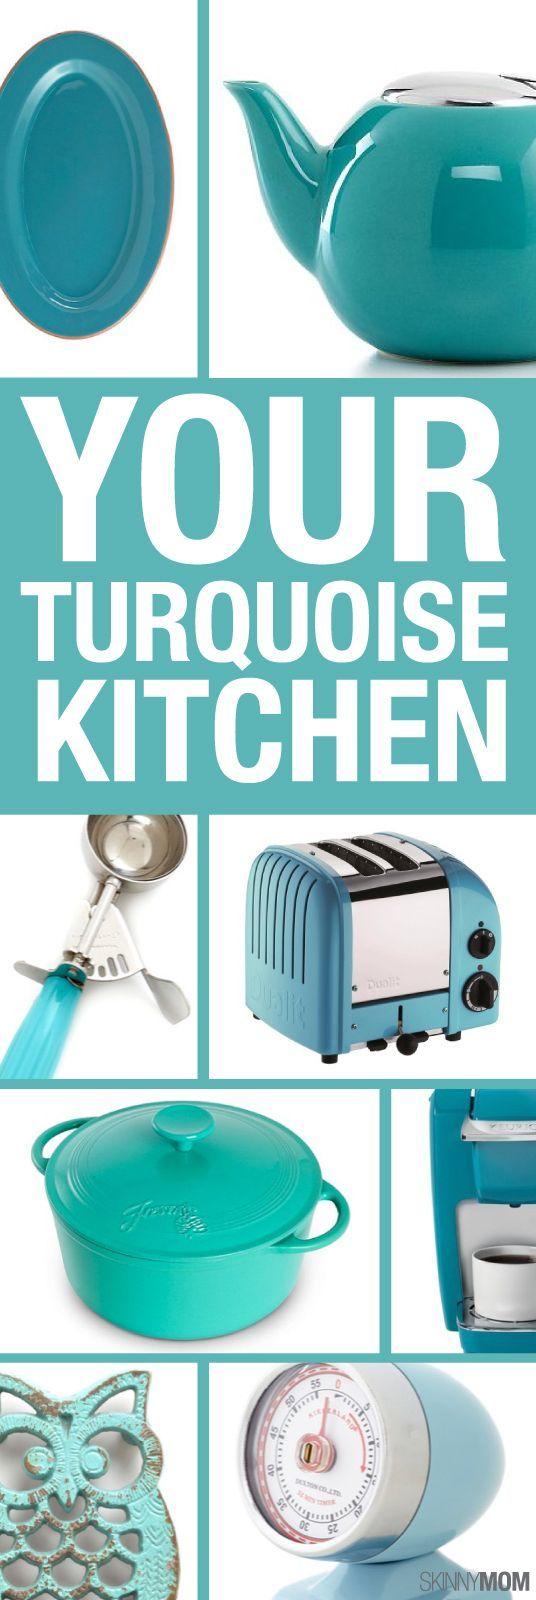 Yli Tuhat Ideaa Turquoise Kitchen Decor Pinterestiss Keitti T Ja Turkoosi